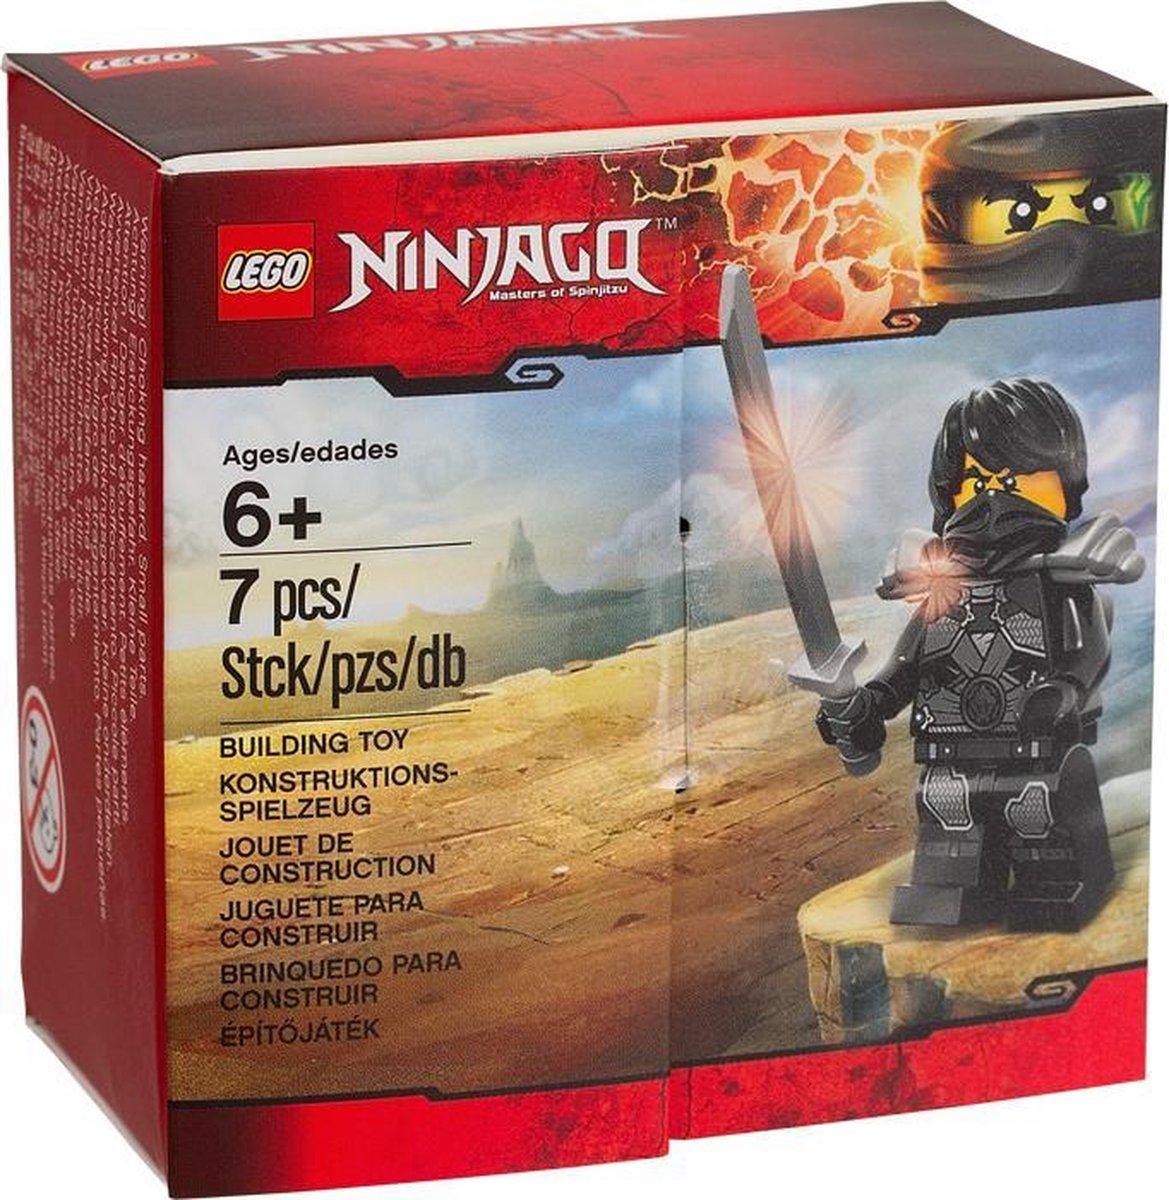 Lego 5004393 Cole in een doos Lego Ninjago Minifigure